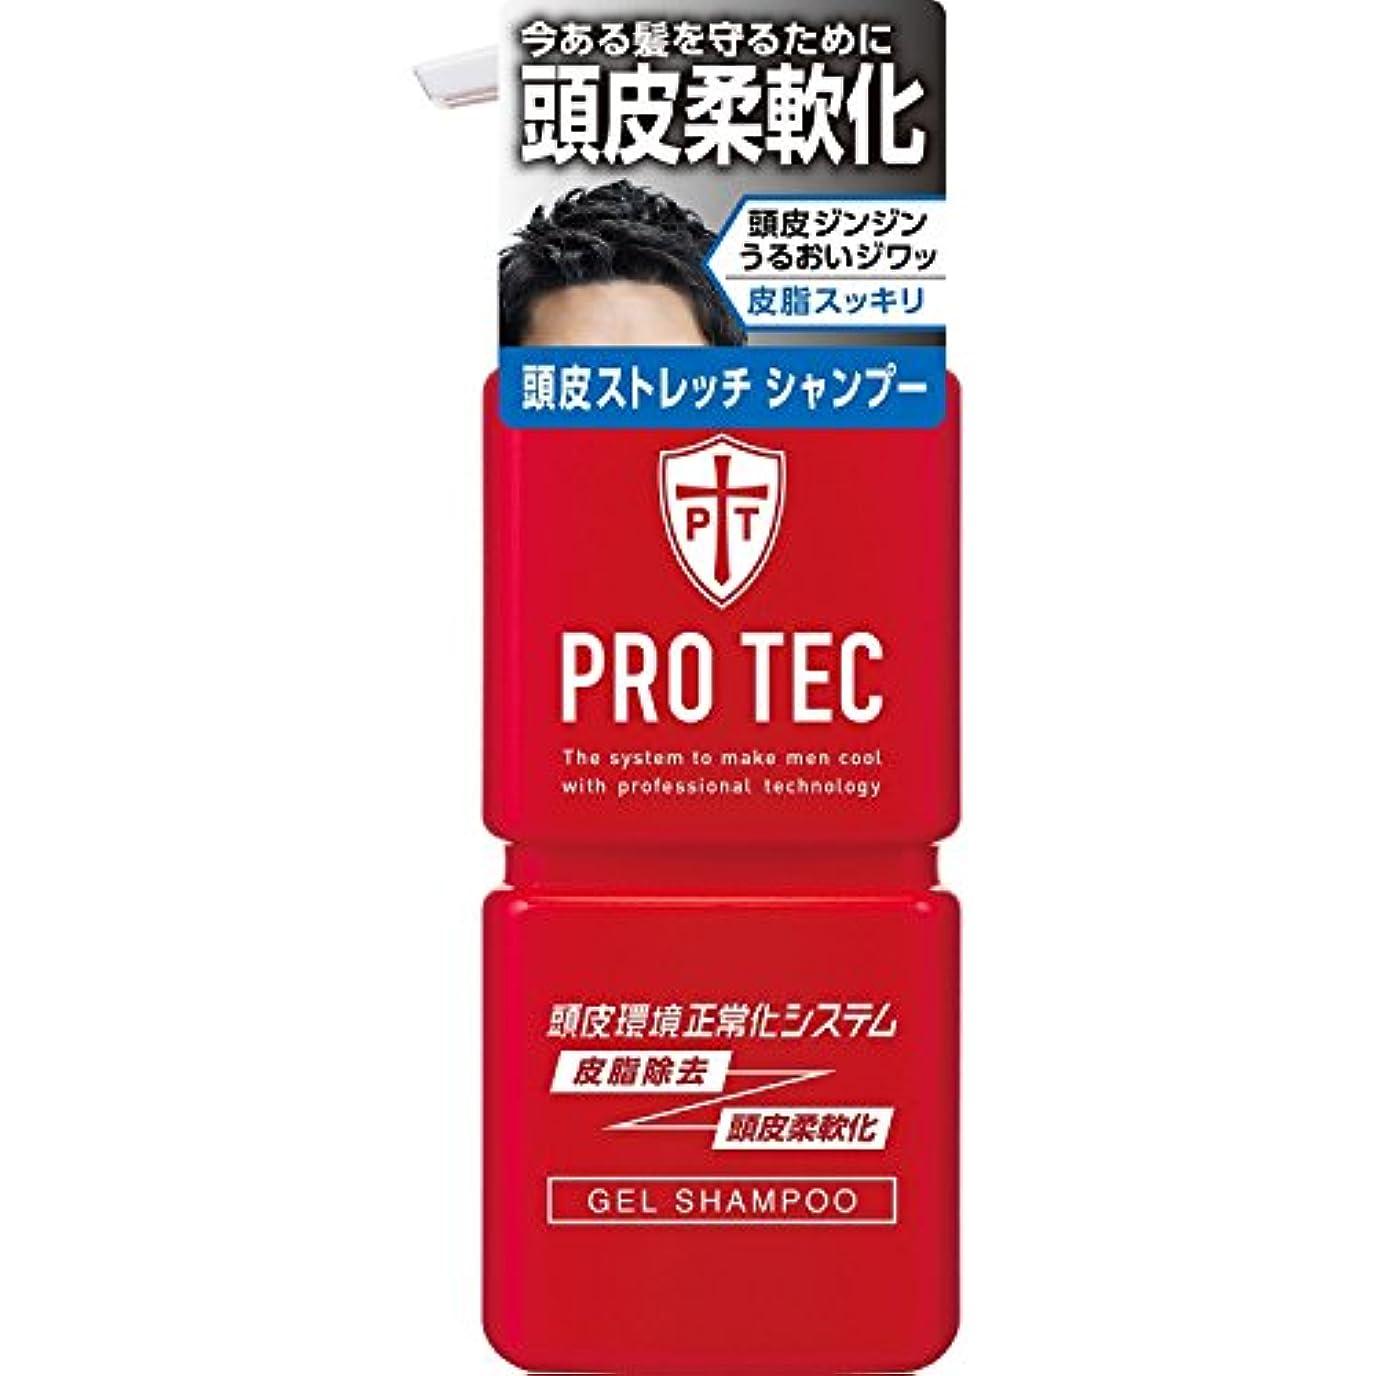 卒業め言葉振り向くPRO TEC(プロテク) 頭皮ストレッチ シャンプー 本体ポンプ 300g(医薬部外品)